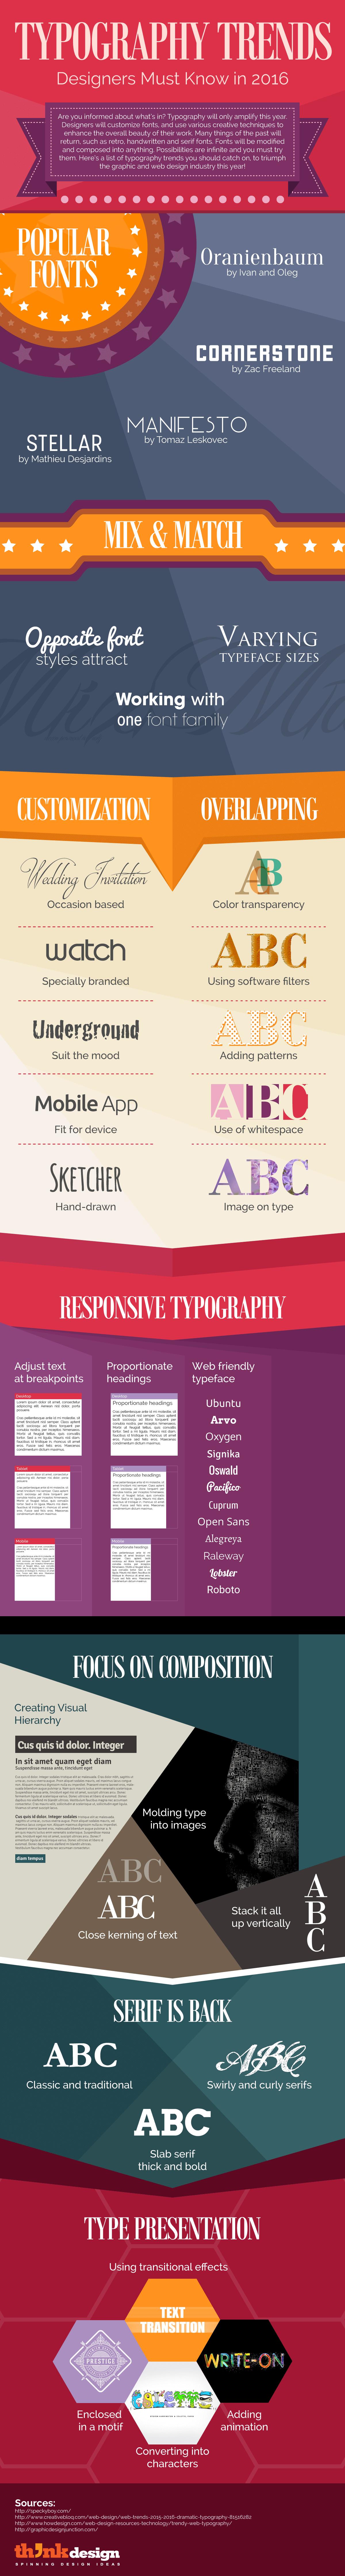 les tendances 2016 pour la typographie